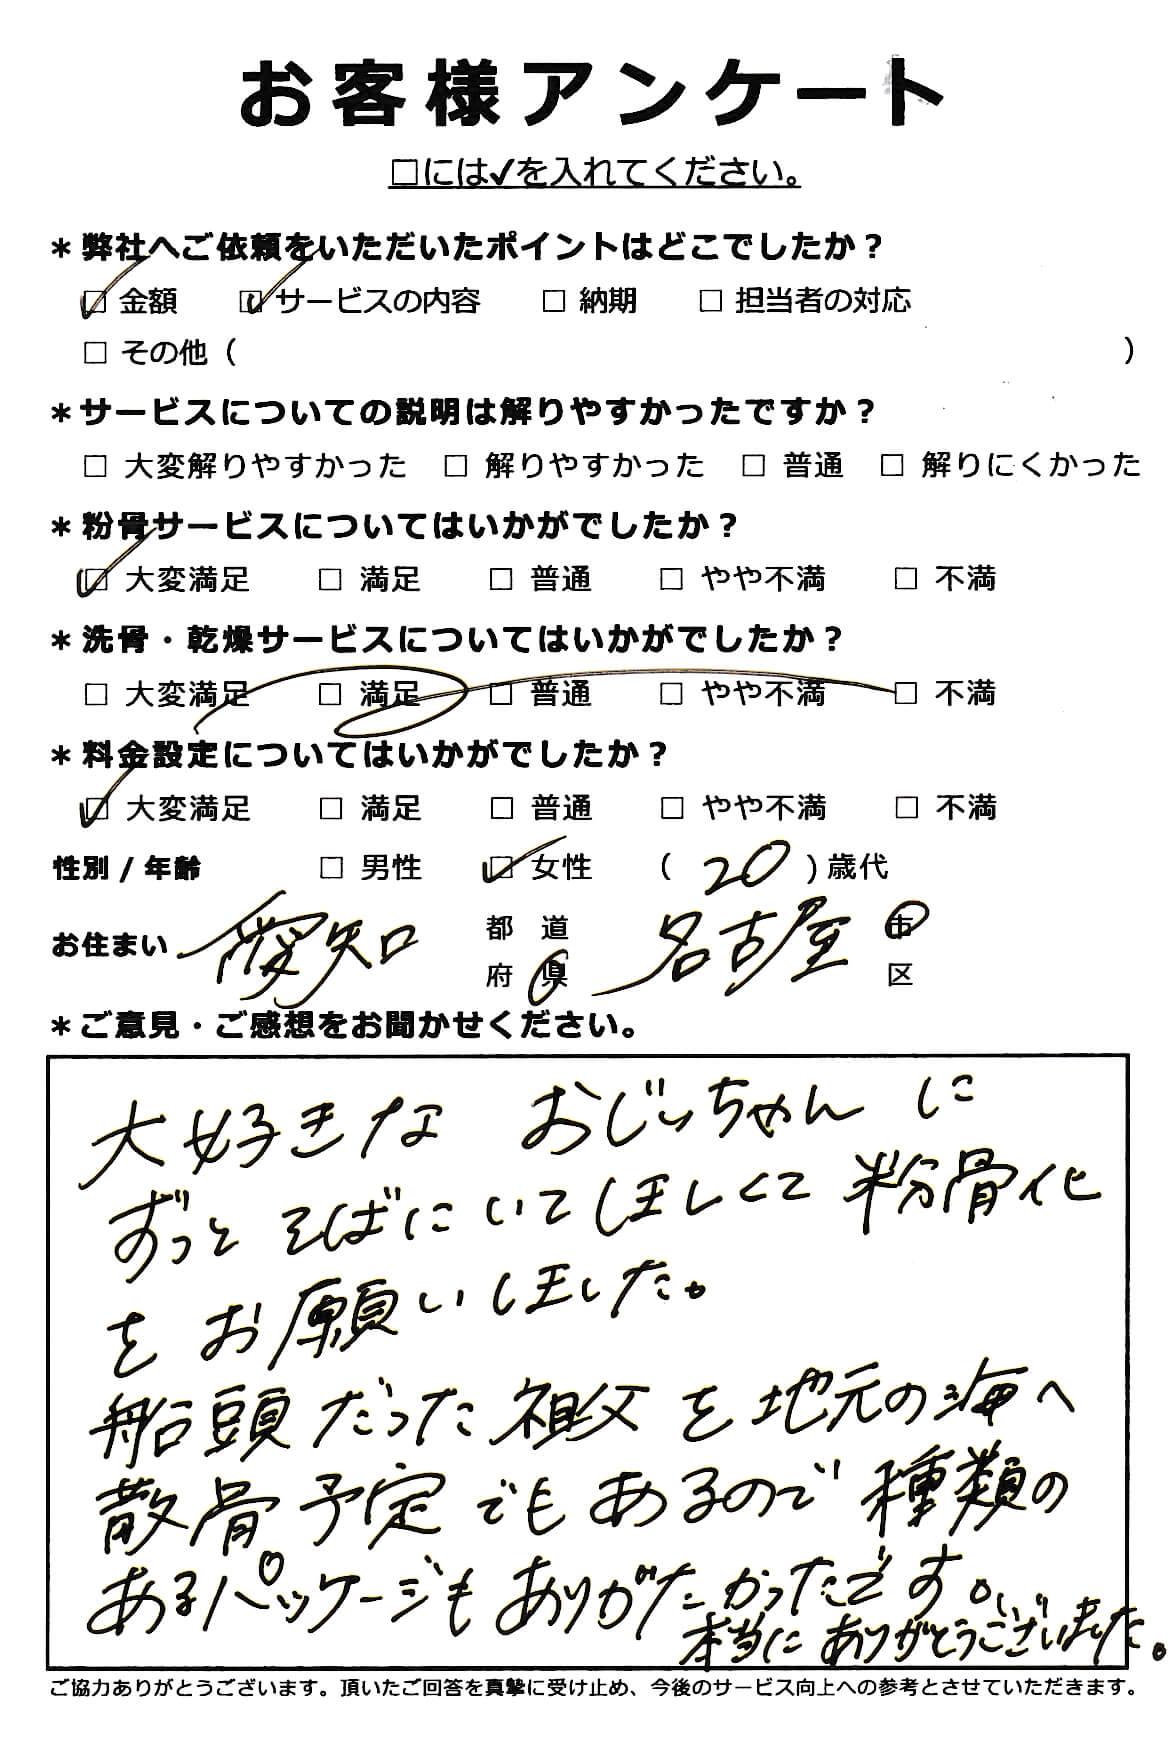 愛知県名古屋市での粉骨・散骨サービス